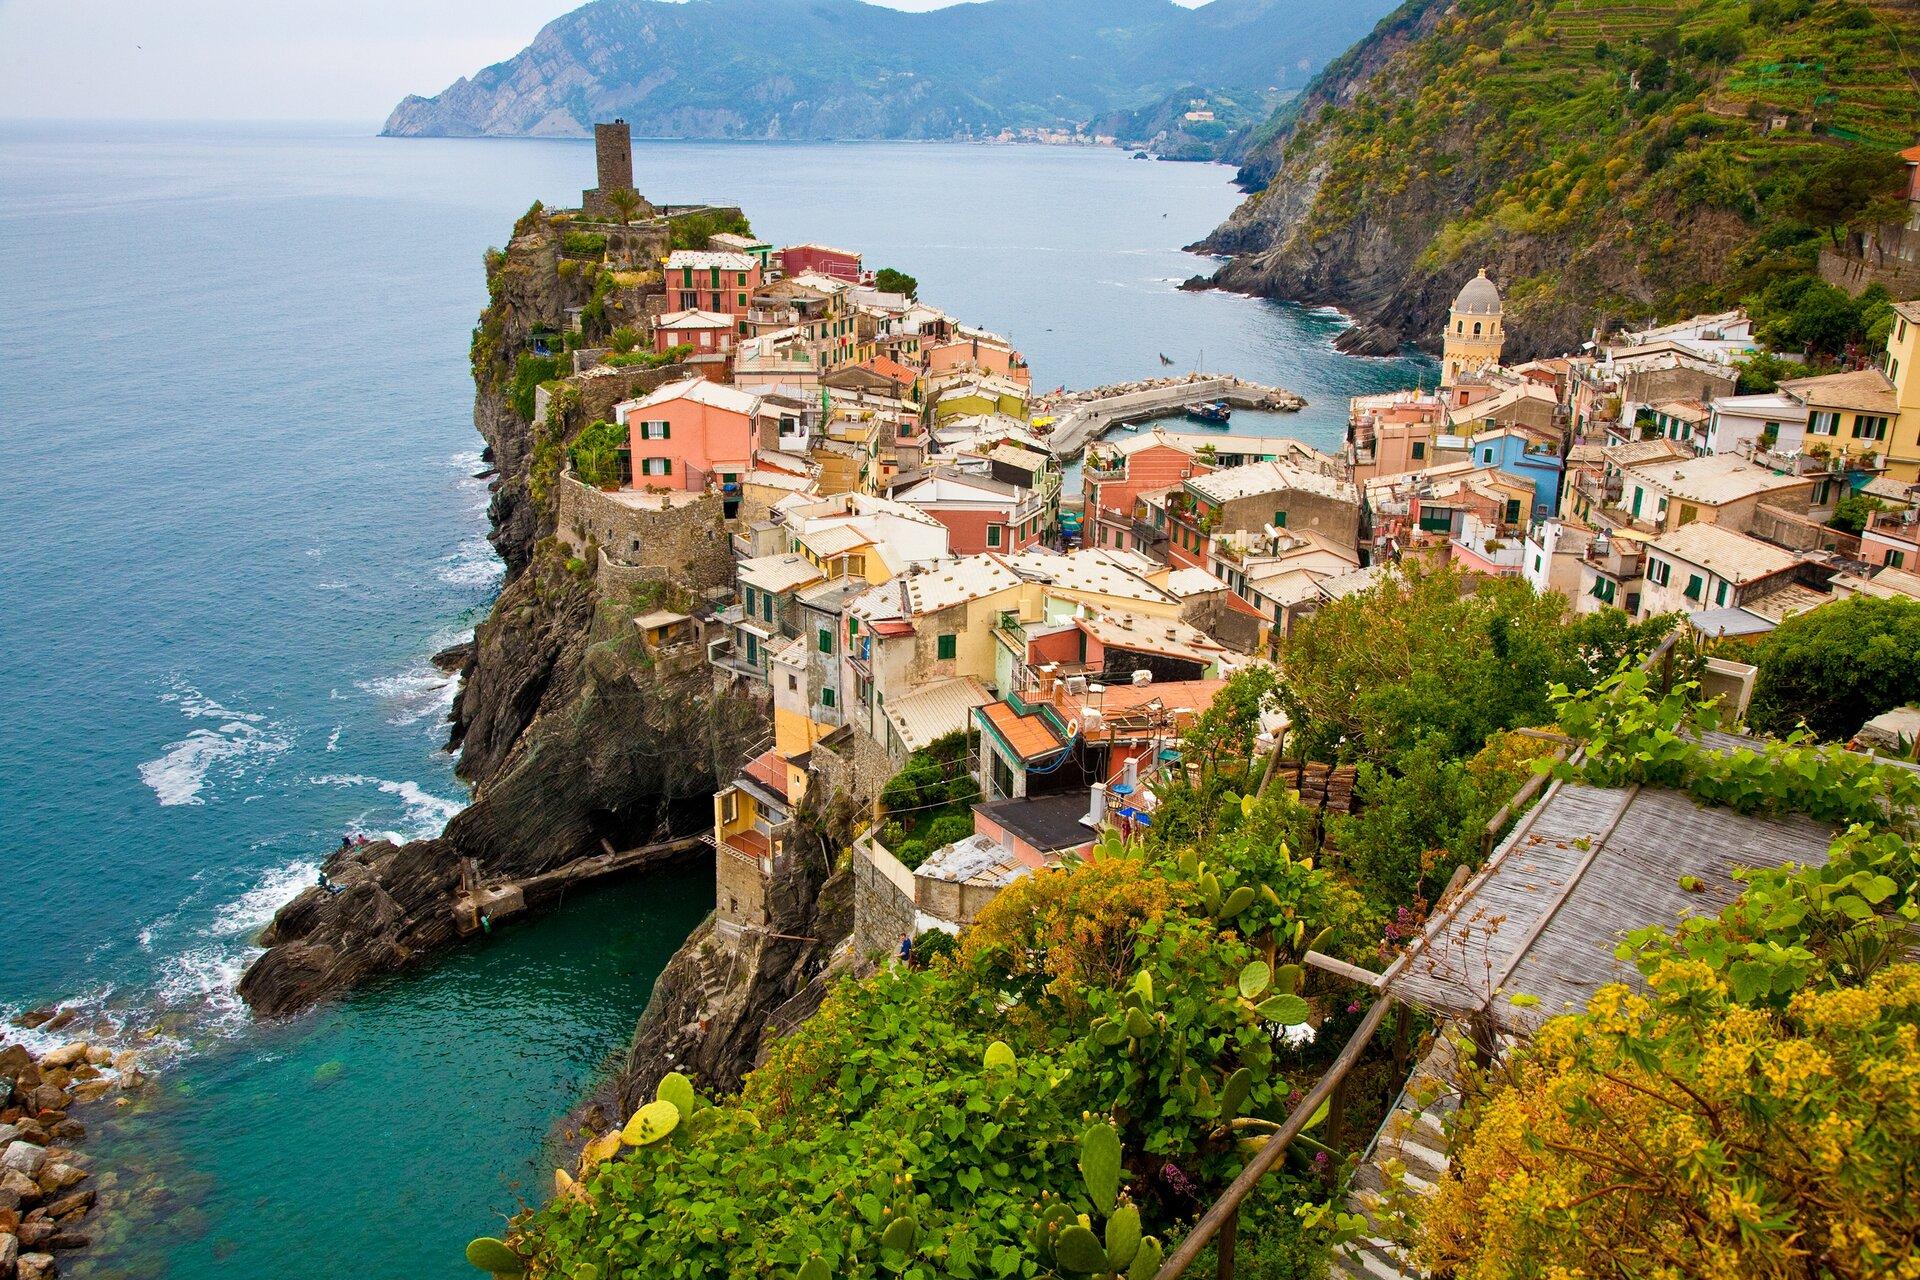 Fotografia prezentuje krajobraz śródziemnomorski na Lazurowym Wybrzeżu. Widoczne skaliste wybrzeże schodzące do lazurowej wody. Na płaskim wysokim cyplu znajdują się gęsto rozmieszczone różnokolorowe budynki.